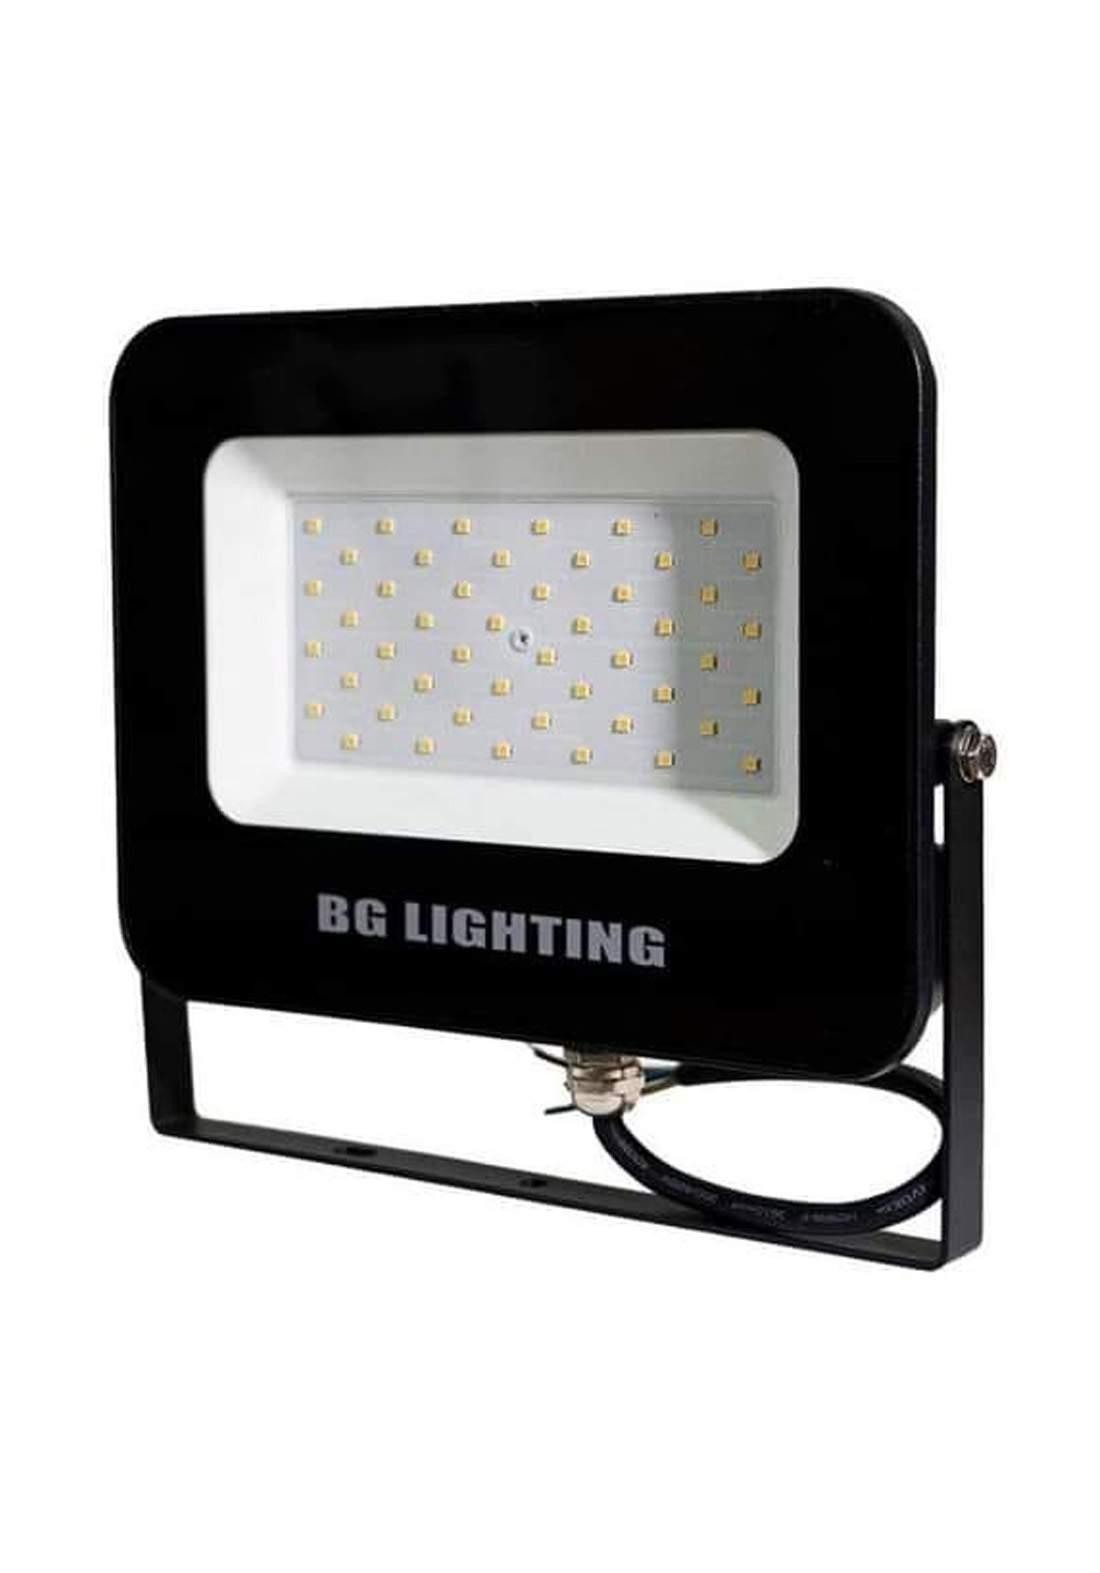 BG LED Floodlight 50 W بروجيكتر ليد